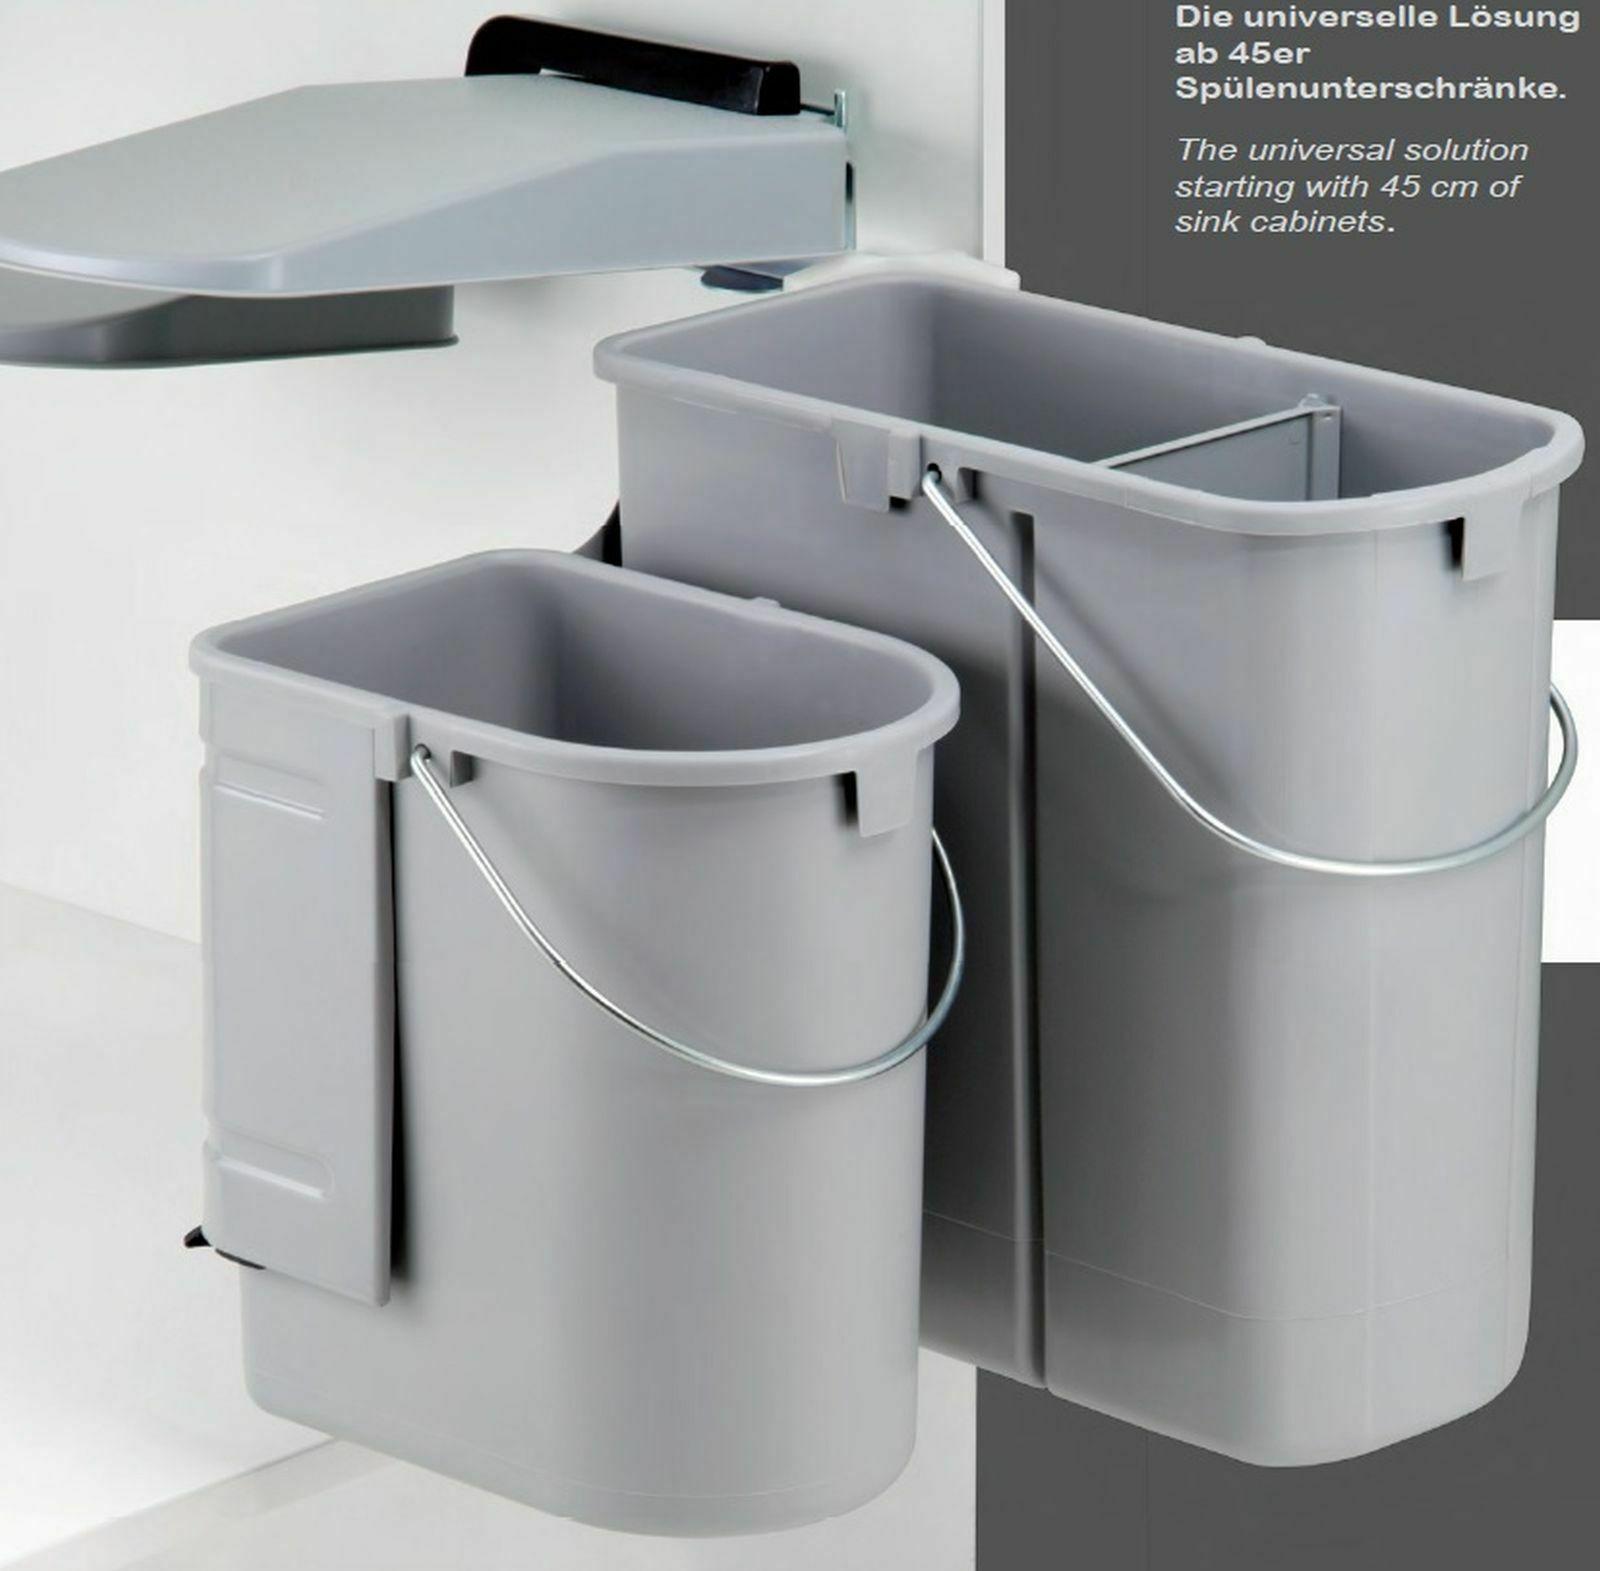 Abfalleimer Küche Mülleimer Türeinbau Wesco Müllsystem Mülltrennung grau  *40700